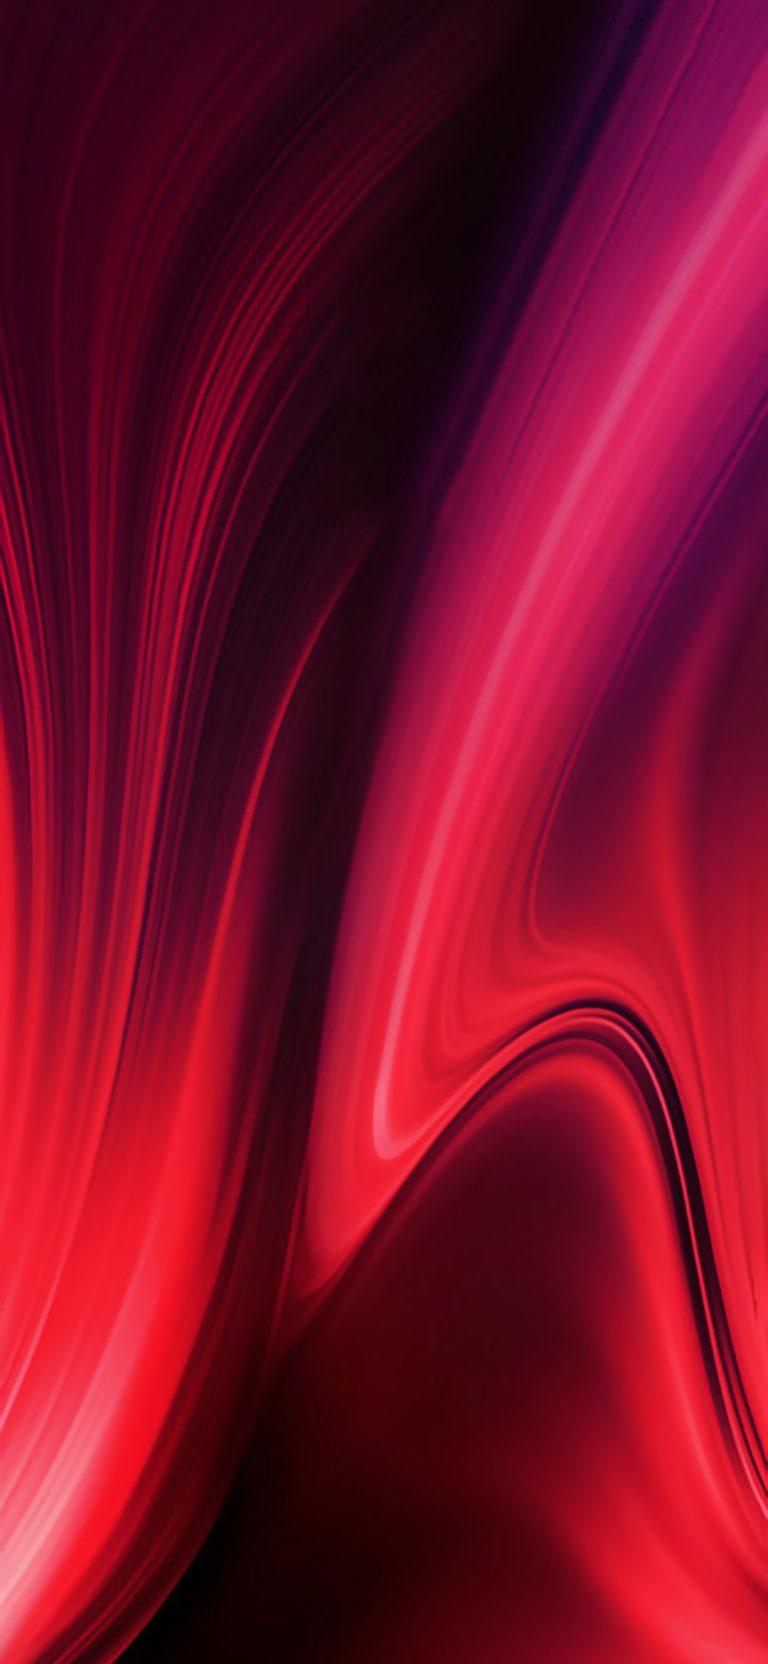 Redmi K20 Pro Stock Wallpaper 05 1080x2340 768x1664